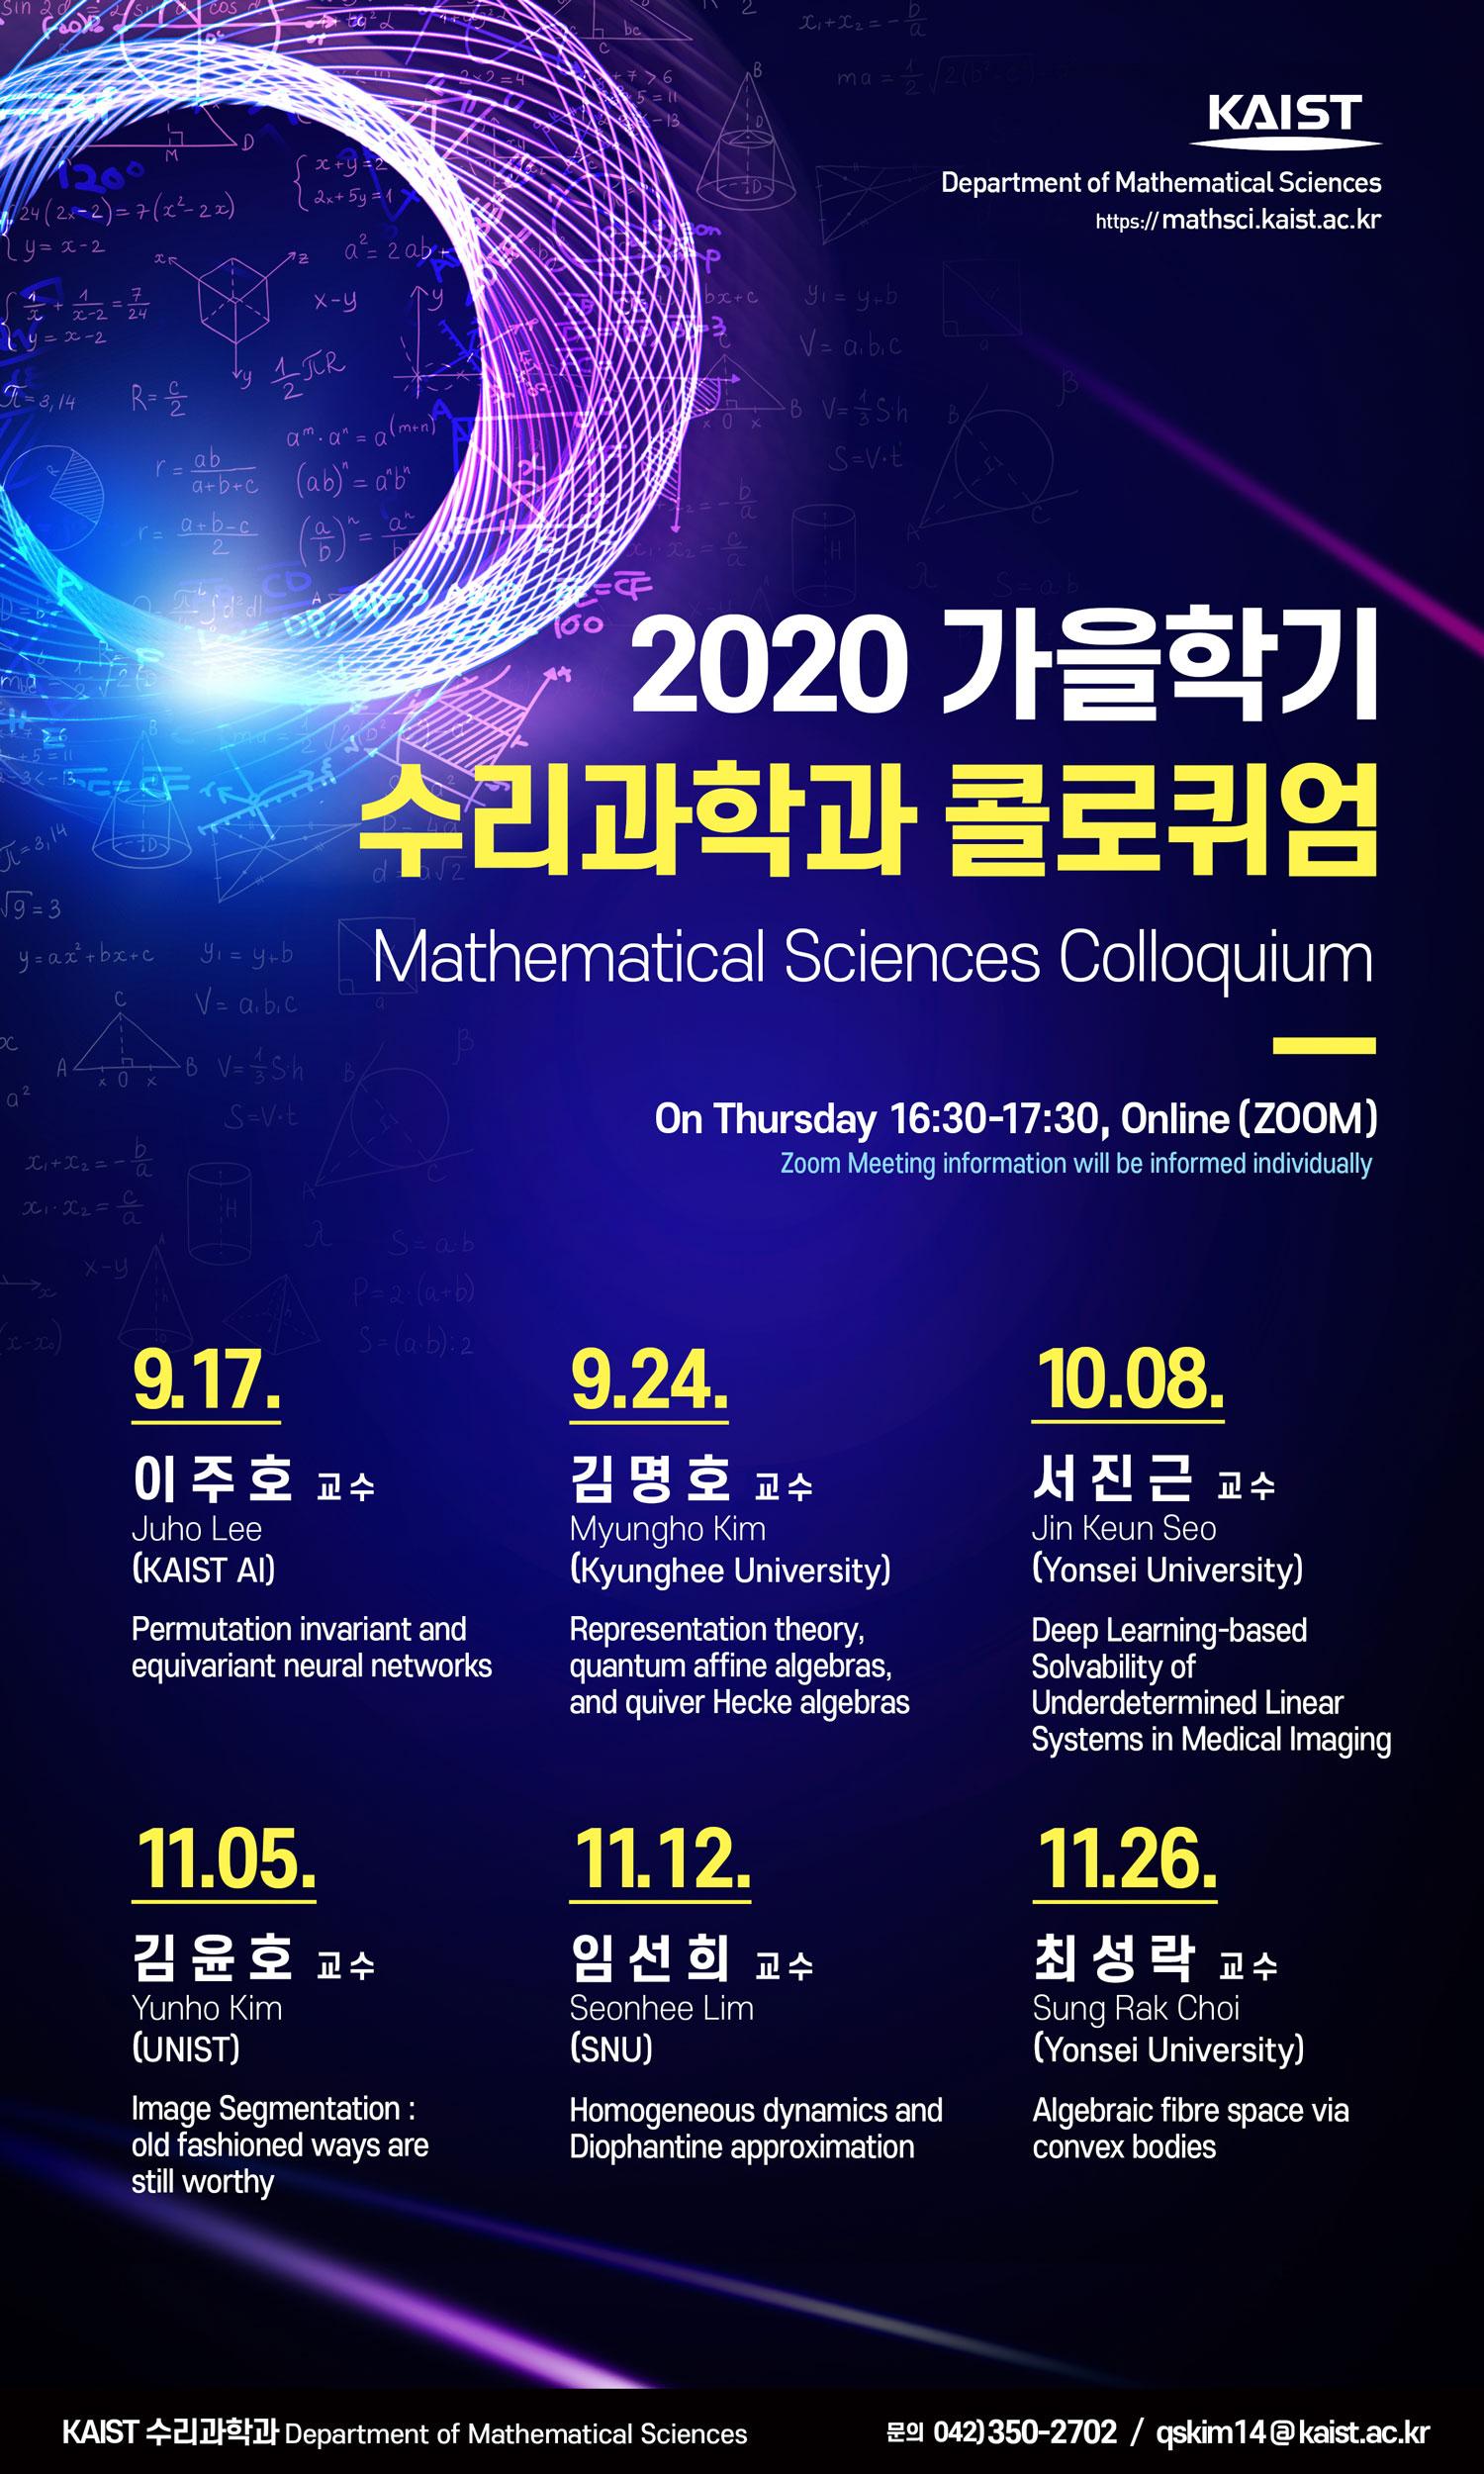 mathcolloquium20Fall.jpg